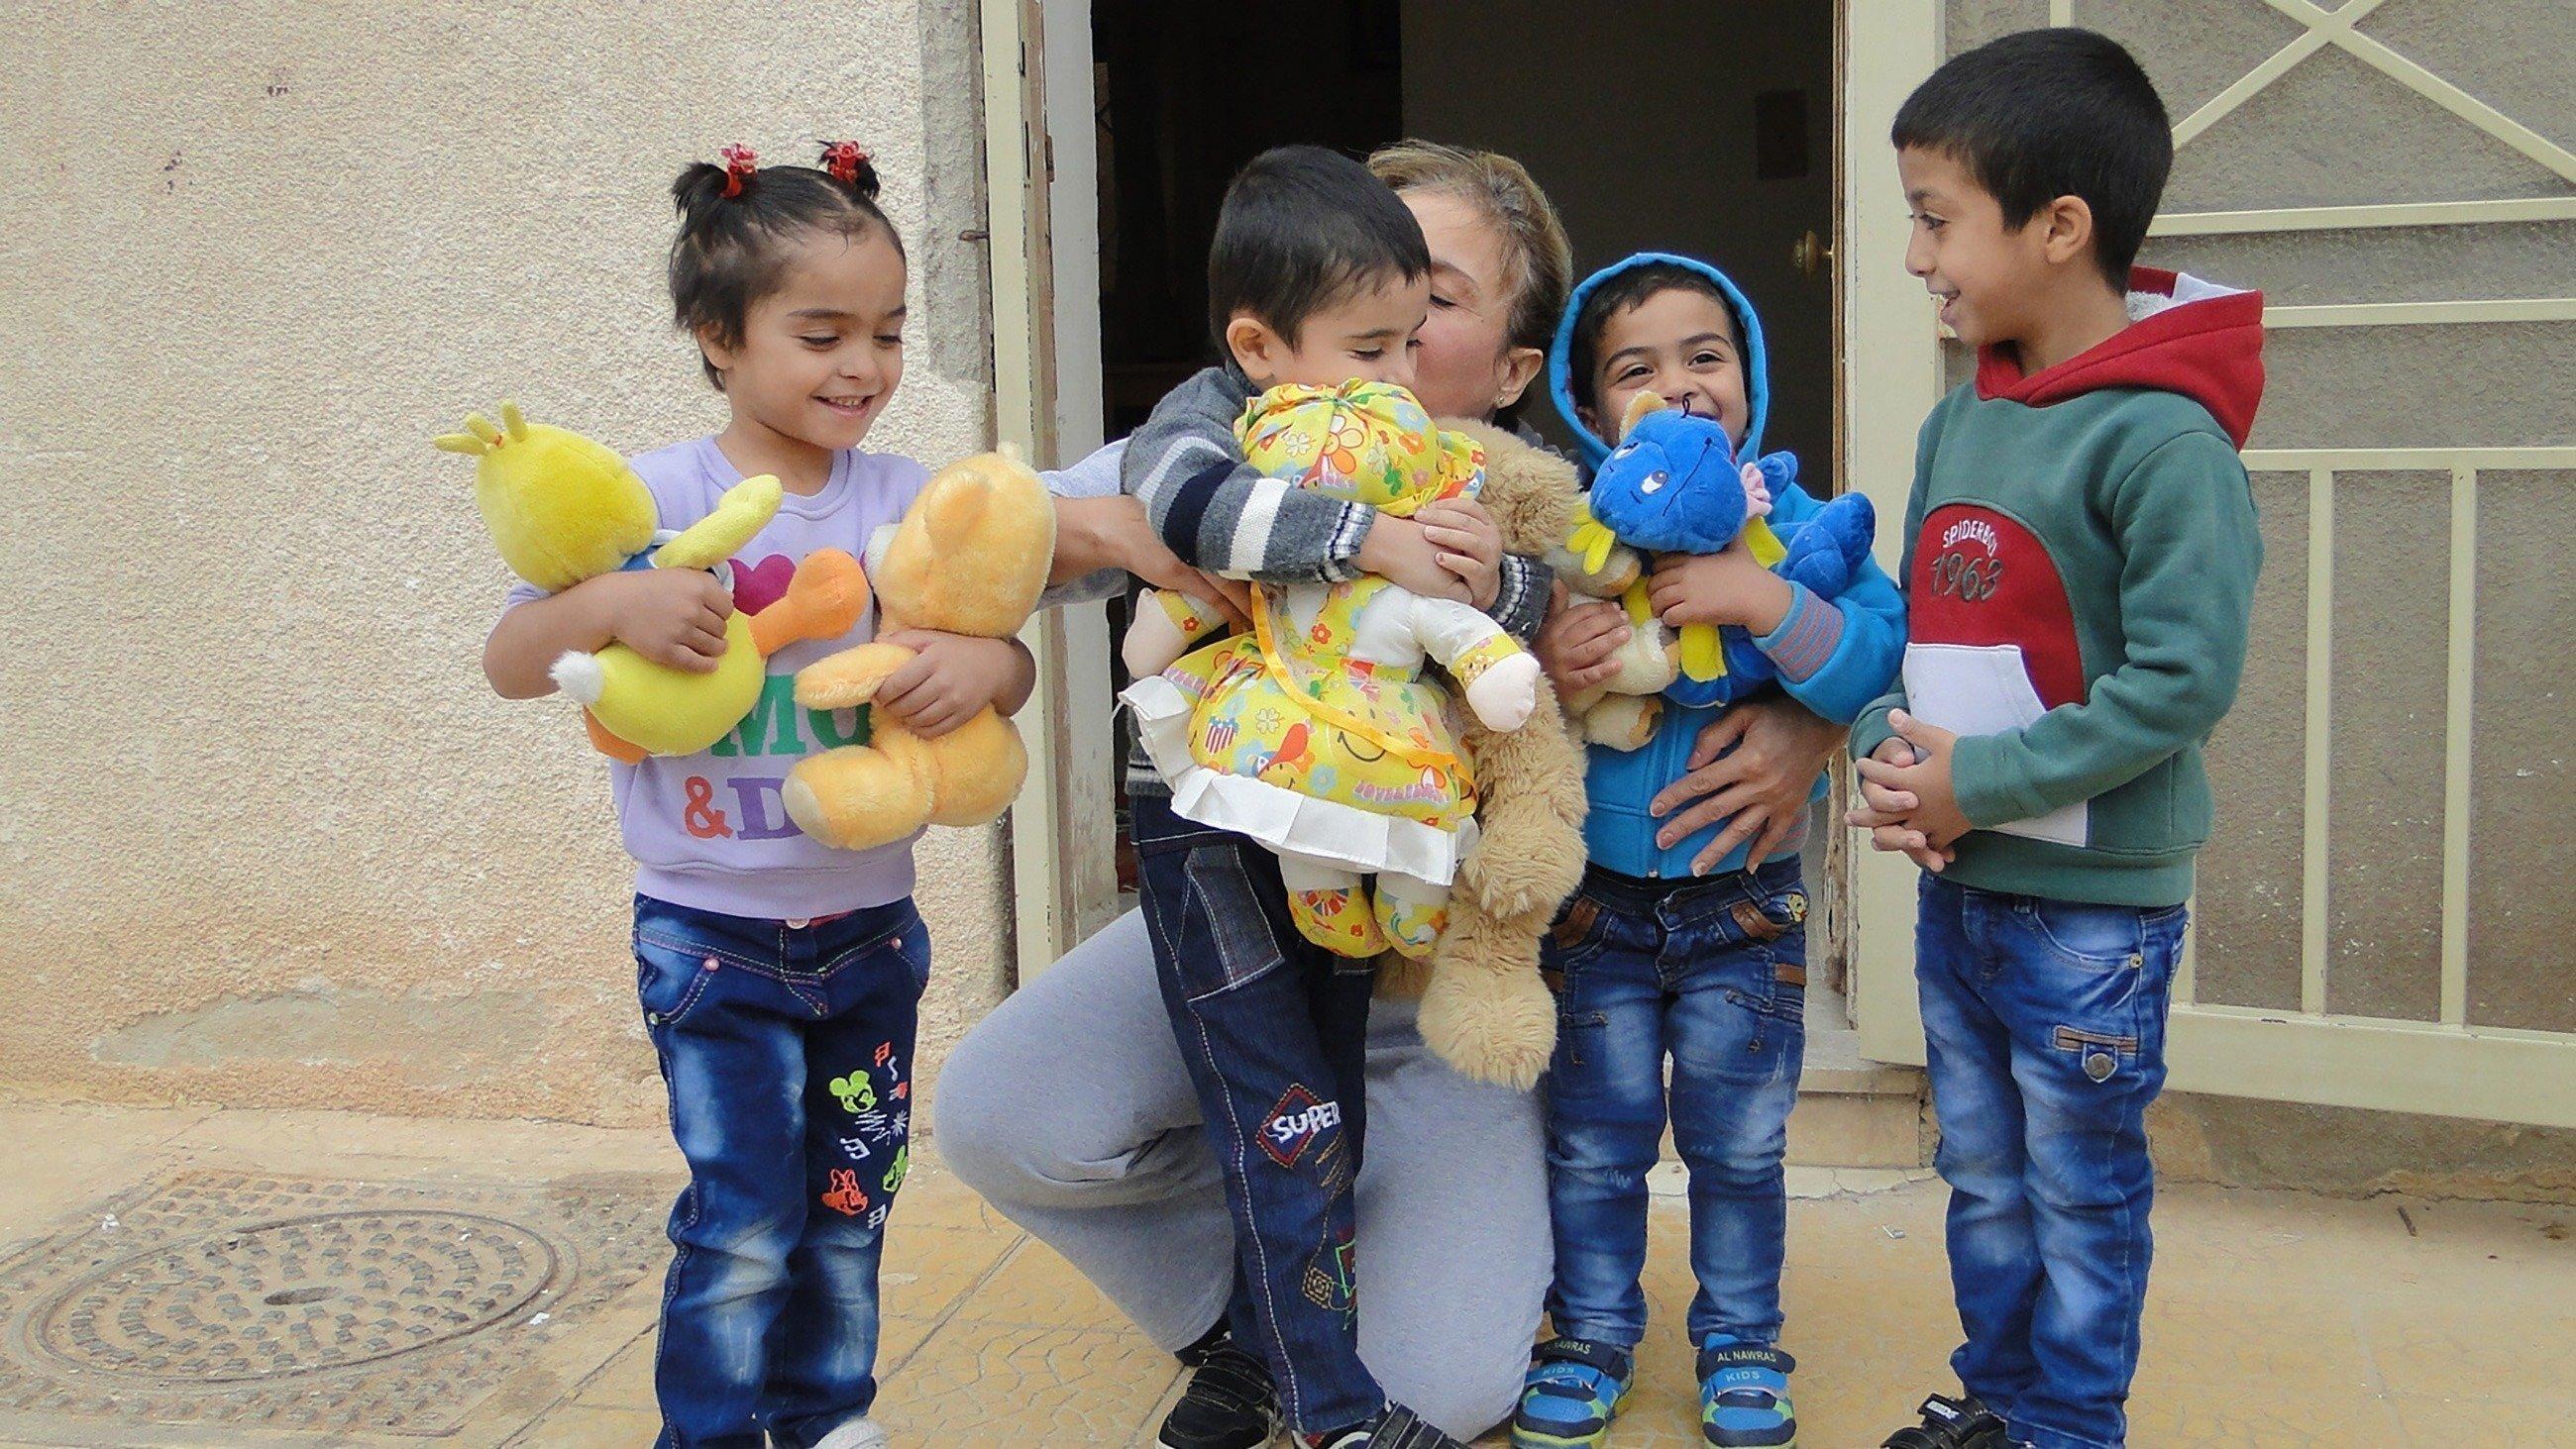 Kinder freuen sich über Kuscheltiere.